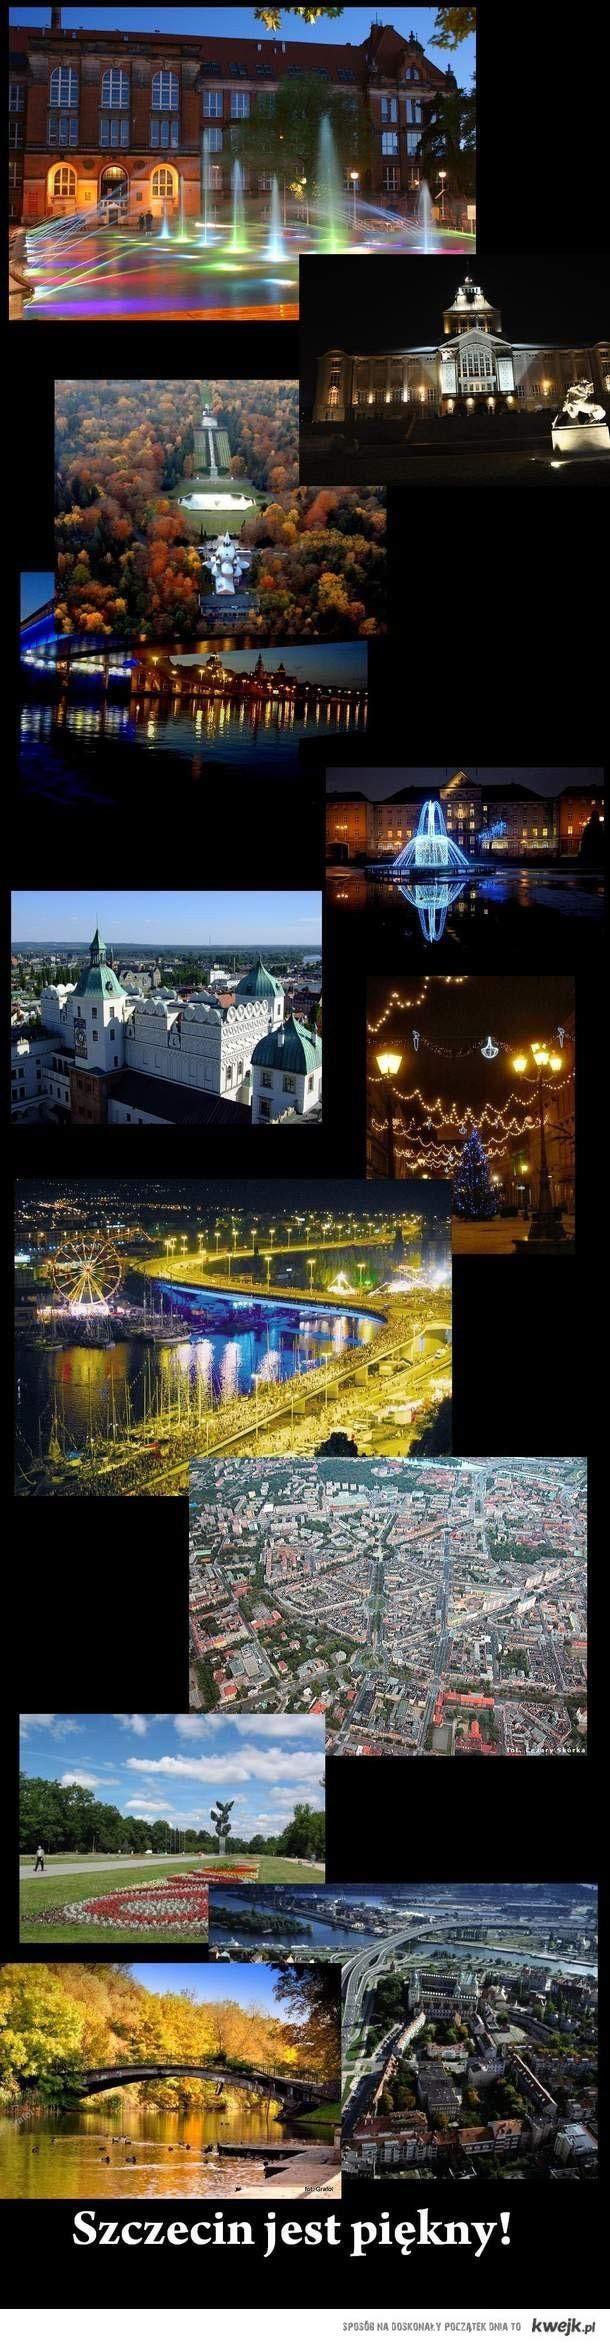 I <3 Szczecin